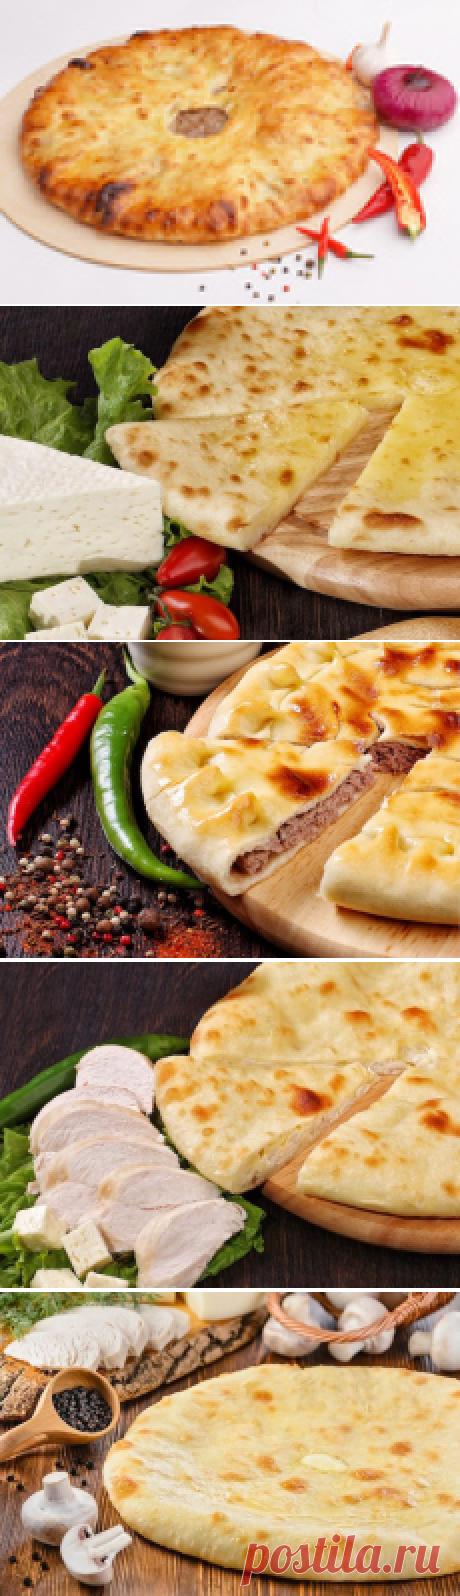 Как приготовить настоящие осетинские пироги - вкусные, сочные, ароматные.